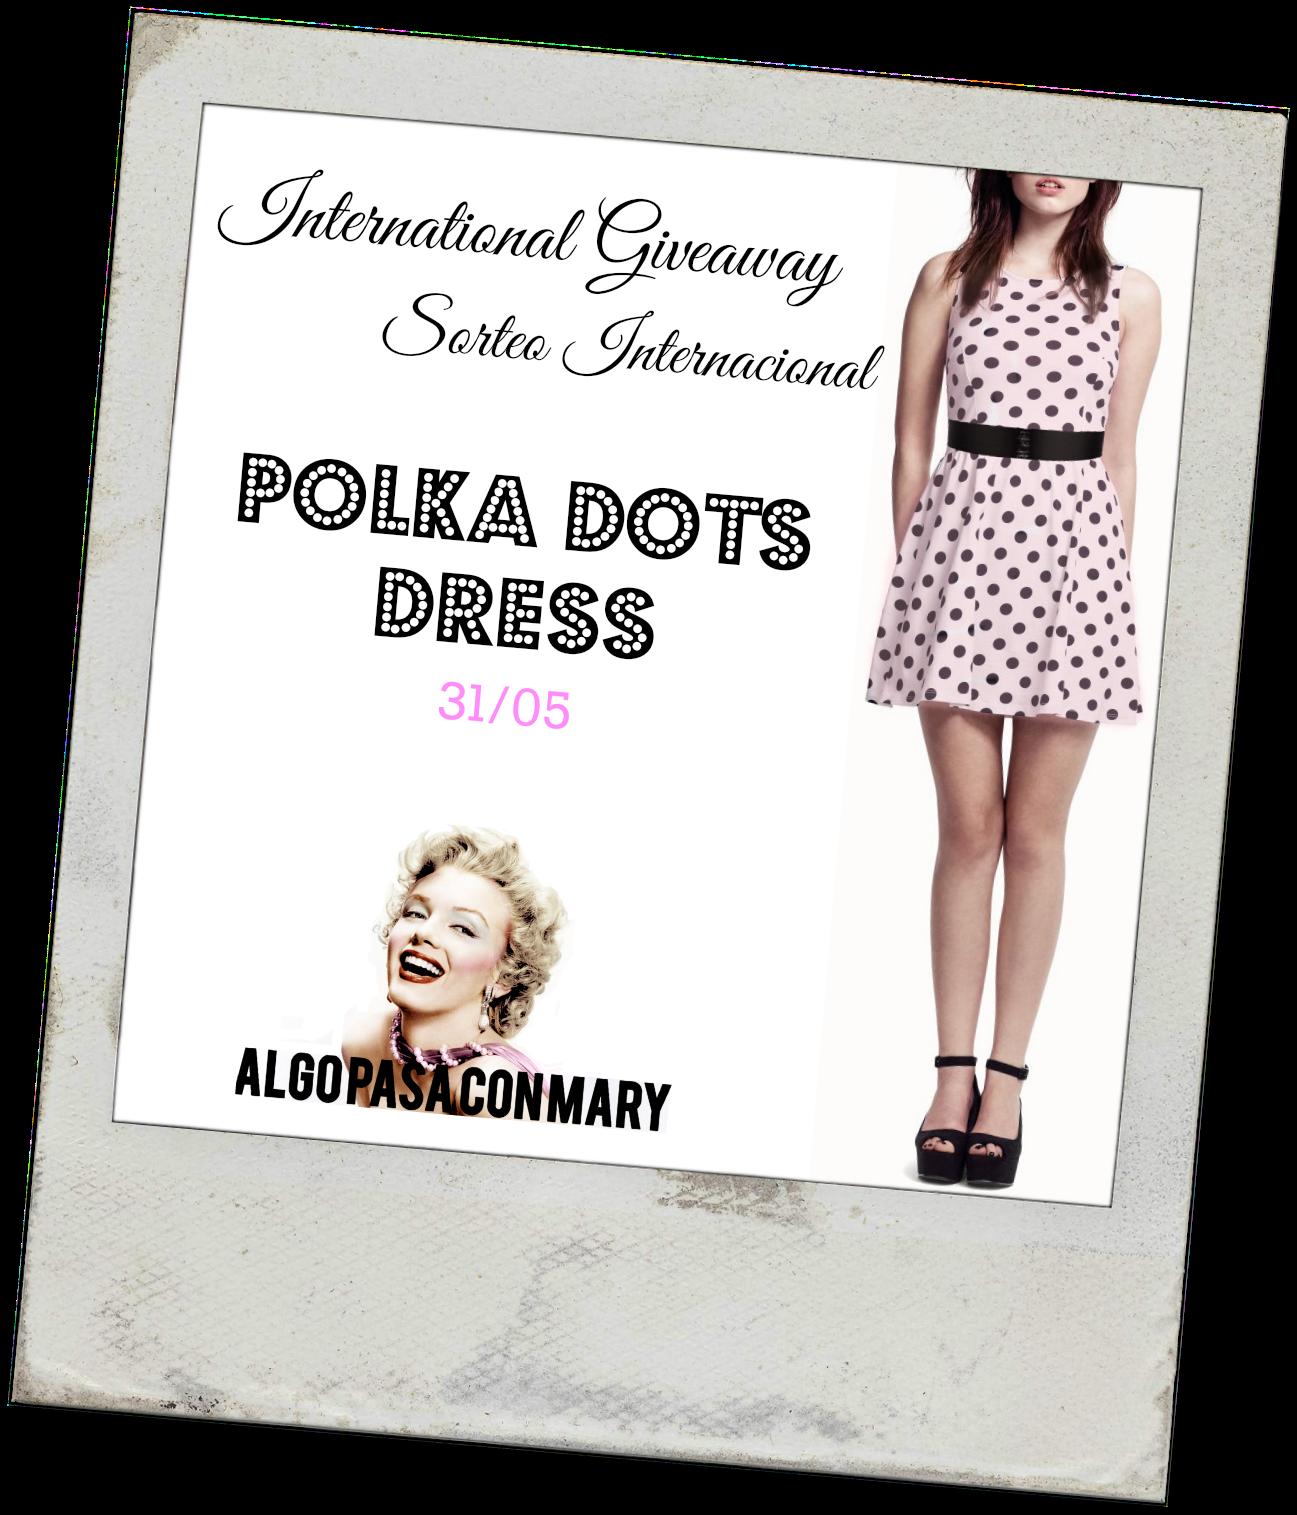 POLKA DOTS DRESS GIVEAWAY